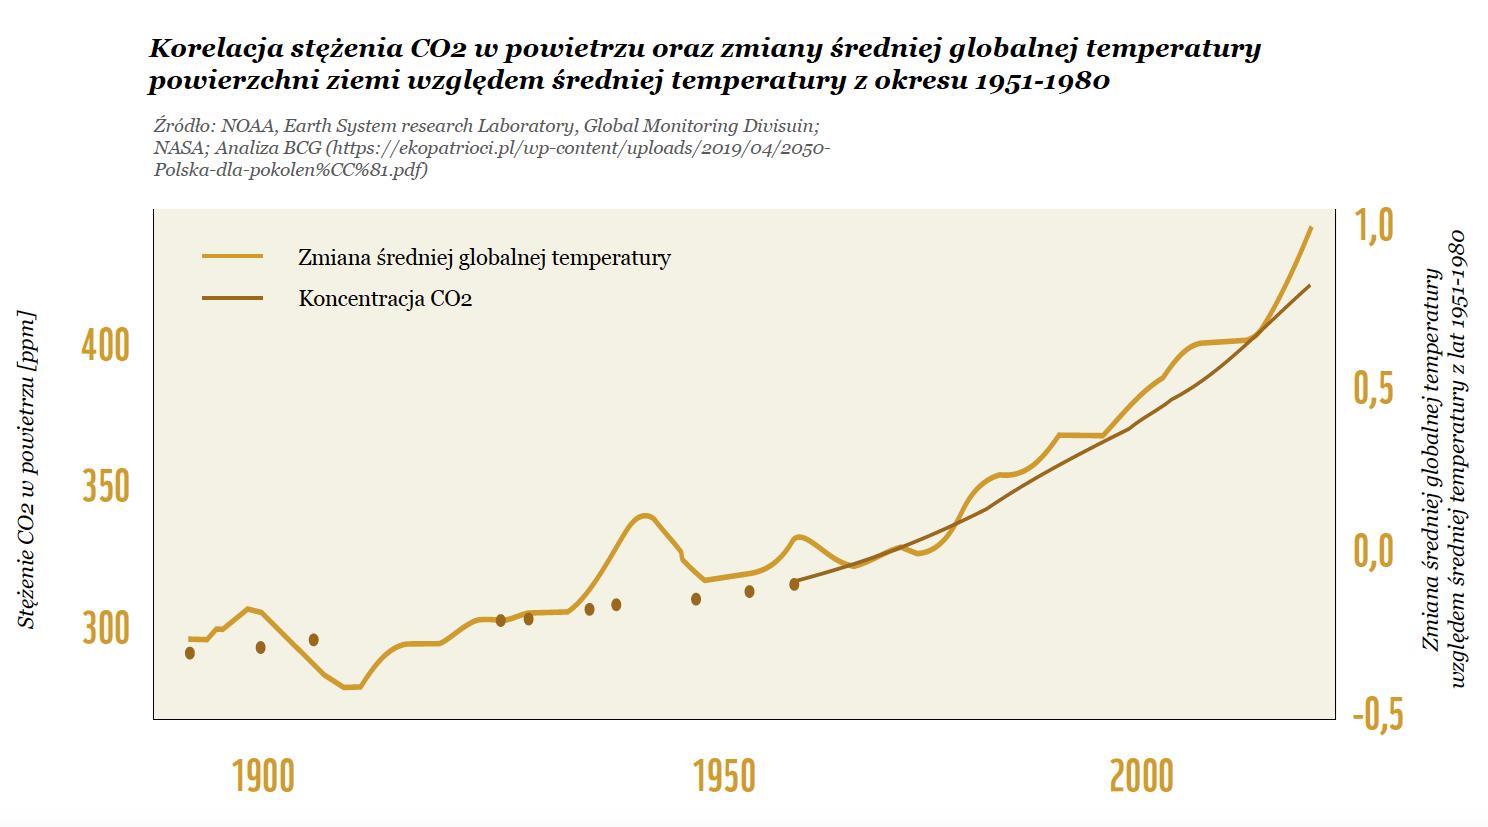 Ochrona przyrody a zmiany klimatyczne: Korelacja stężenia dwutlenku węgla CO2 w powietrzu i zmiany średniej globalnej temperatury